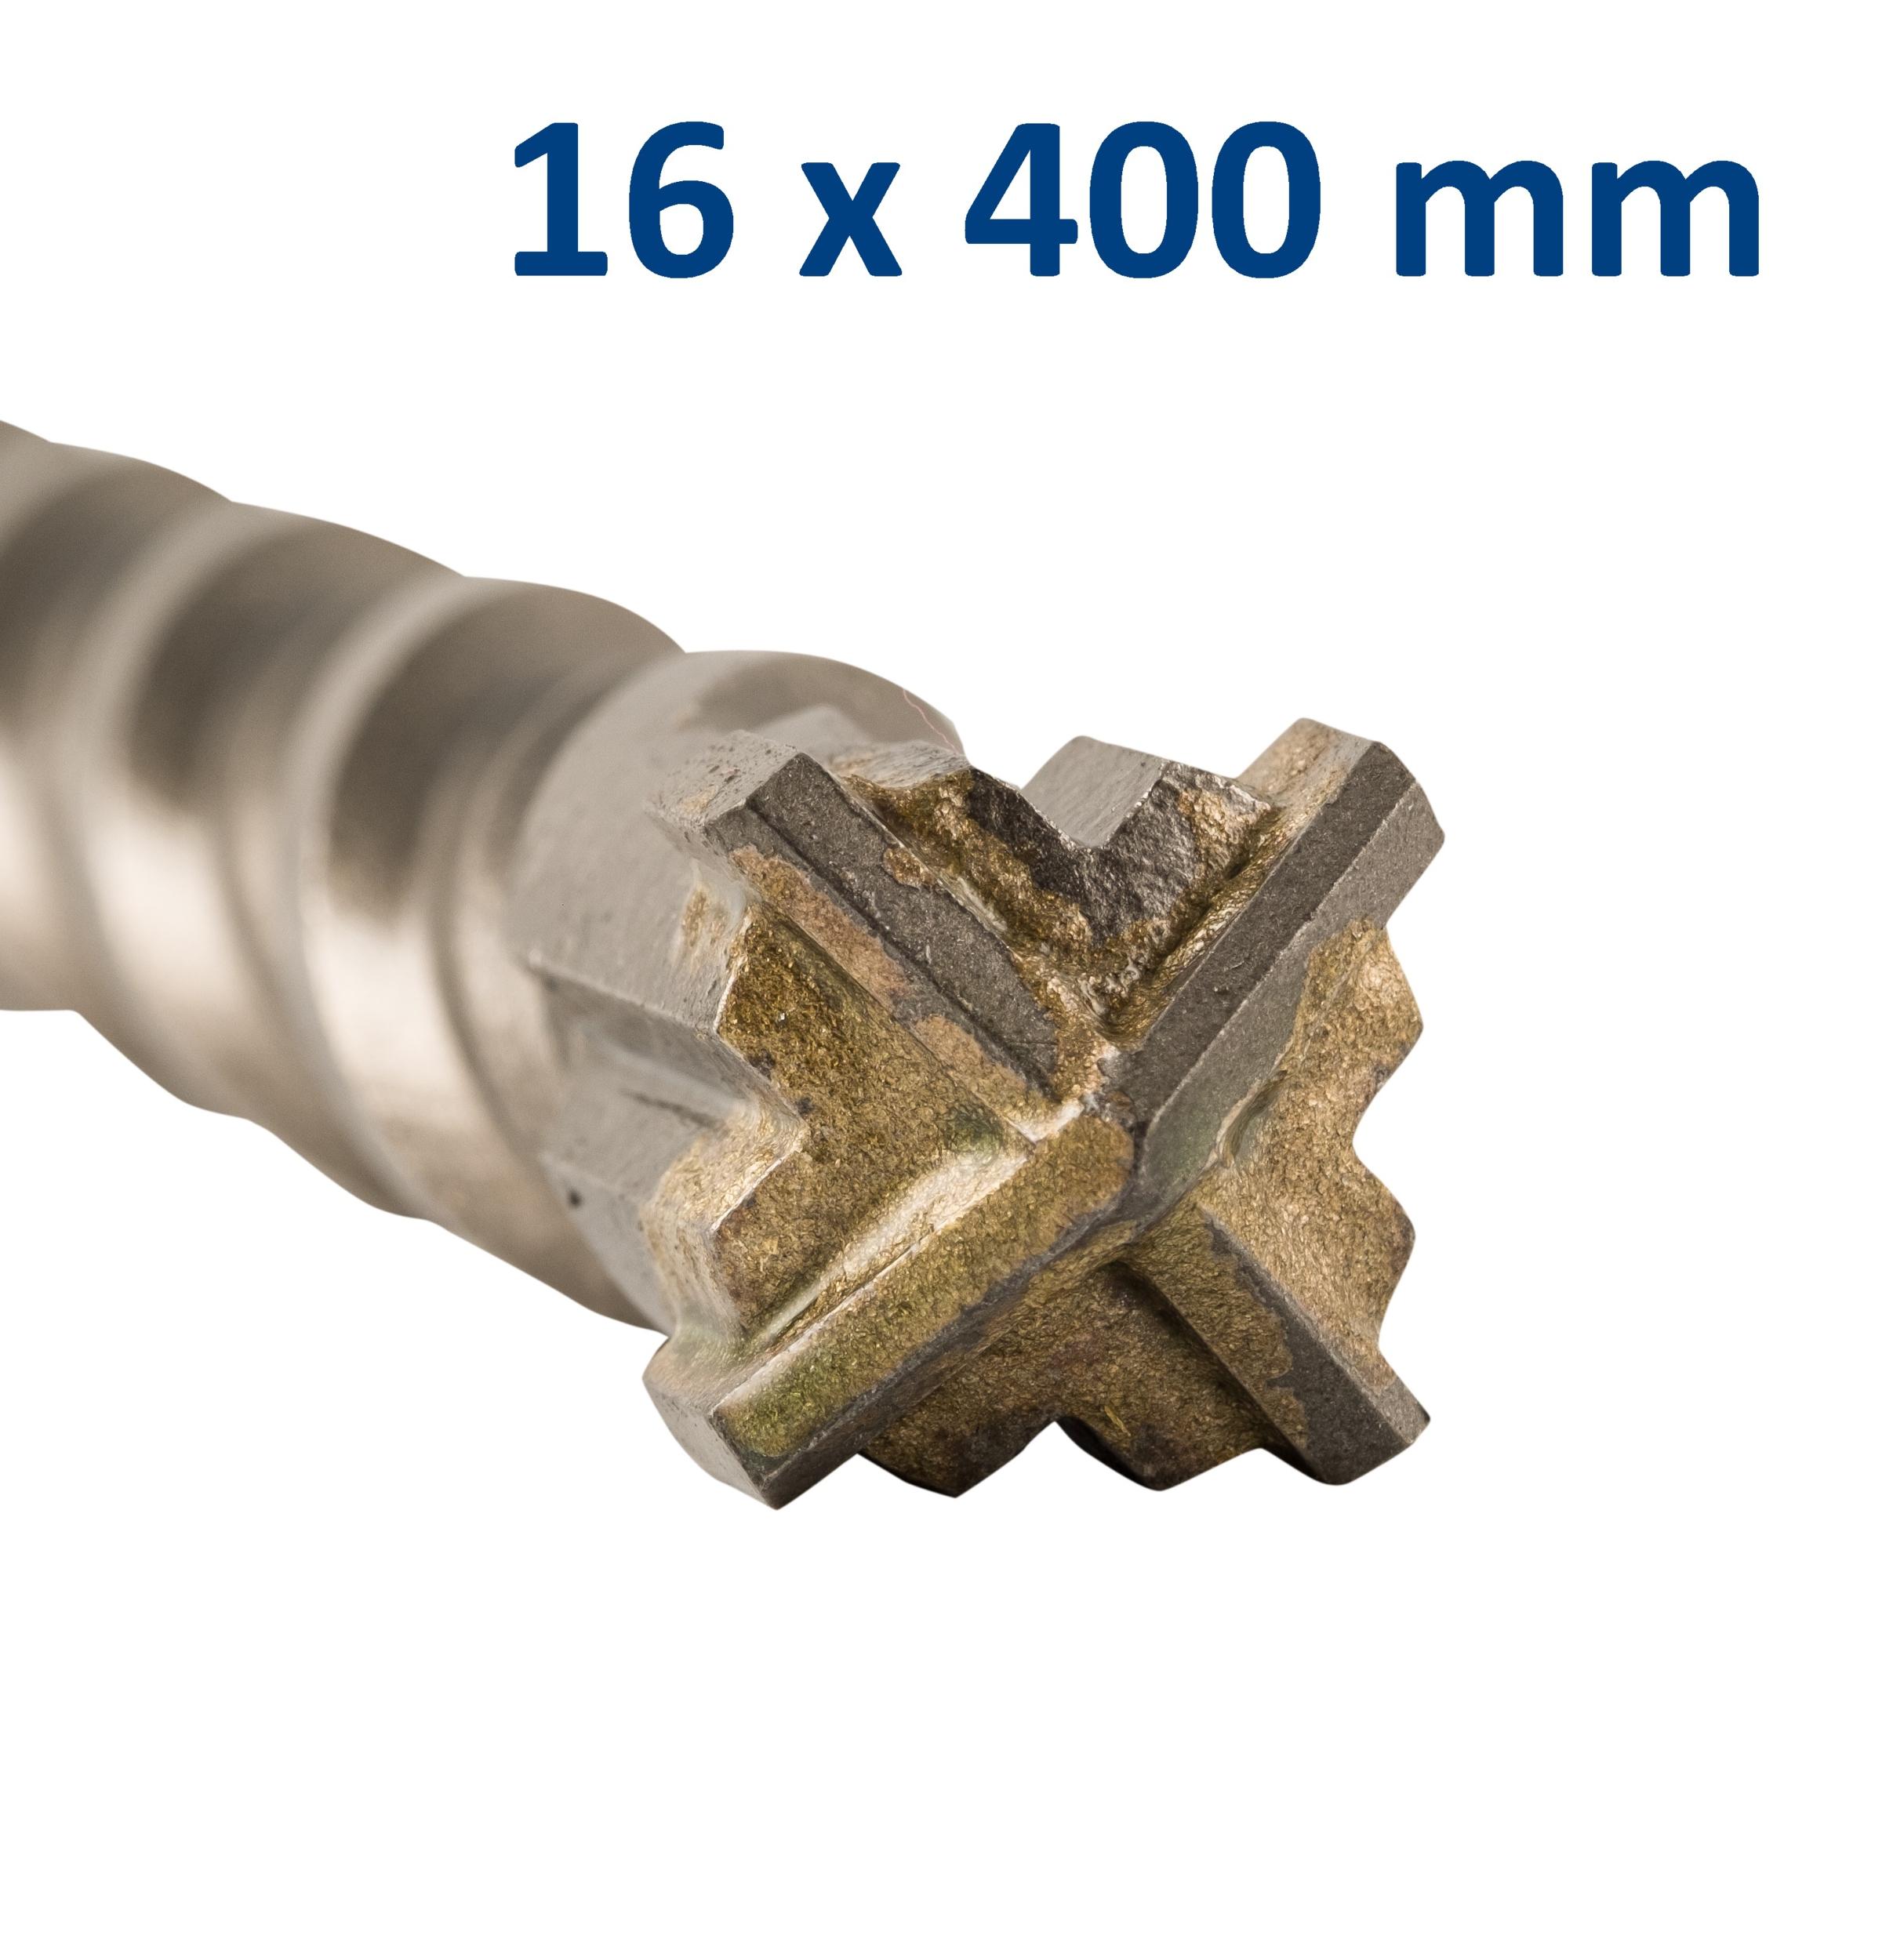 Foret-mèche SDS Plus pointe en croix 16x400 mm GRÖNE